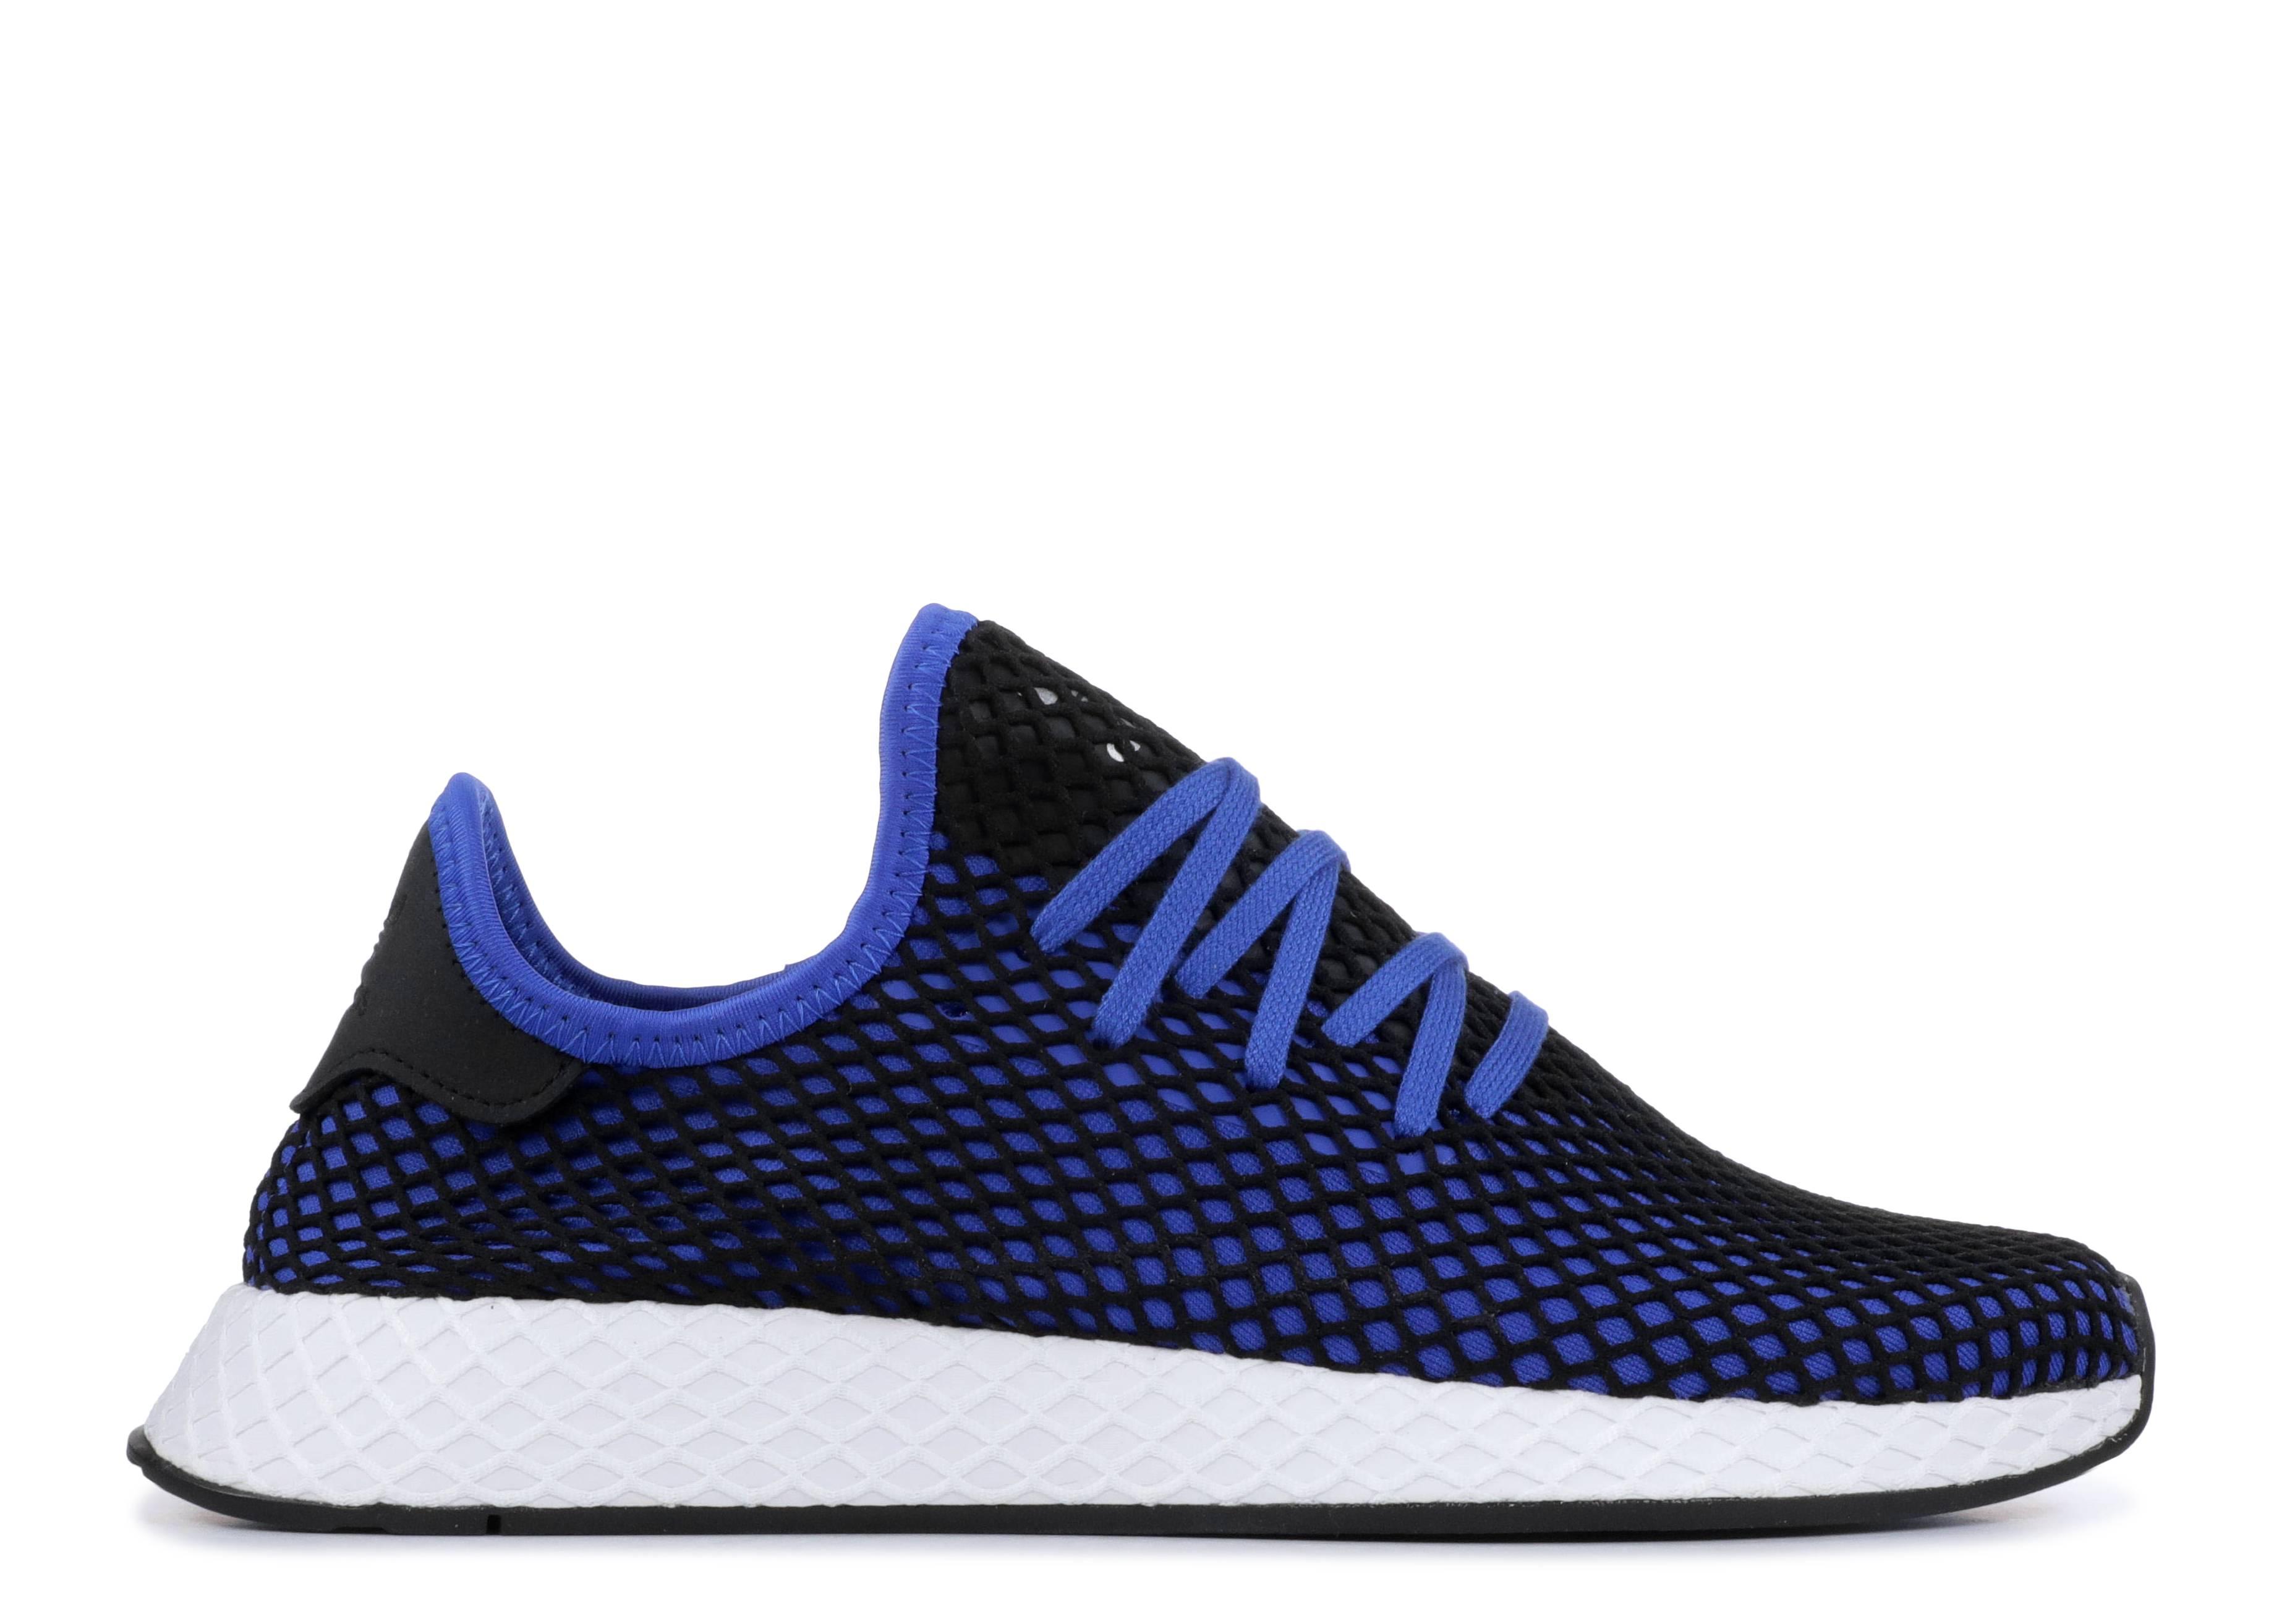 38b1436b8 Deerupt - Adidas - b41764 - hi res blue hi res blue  core black ...